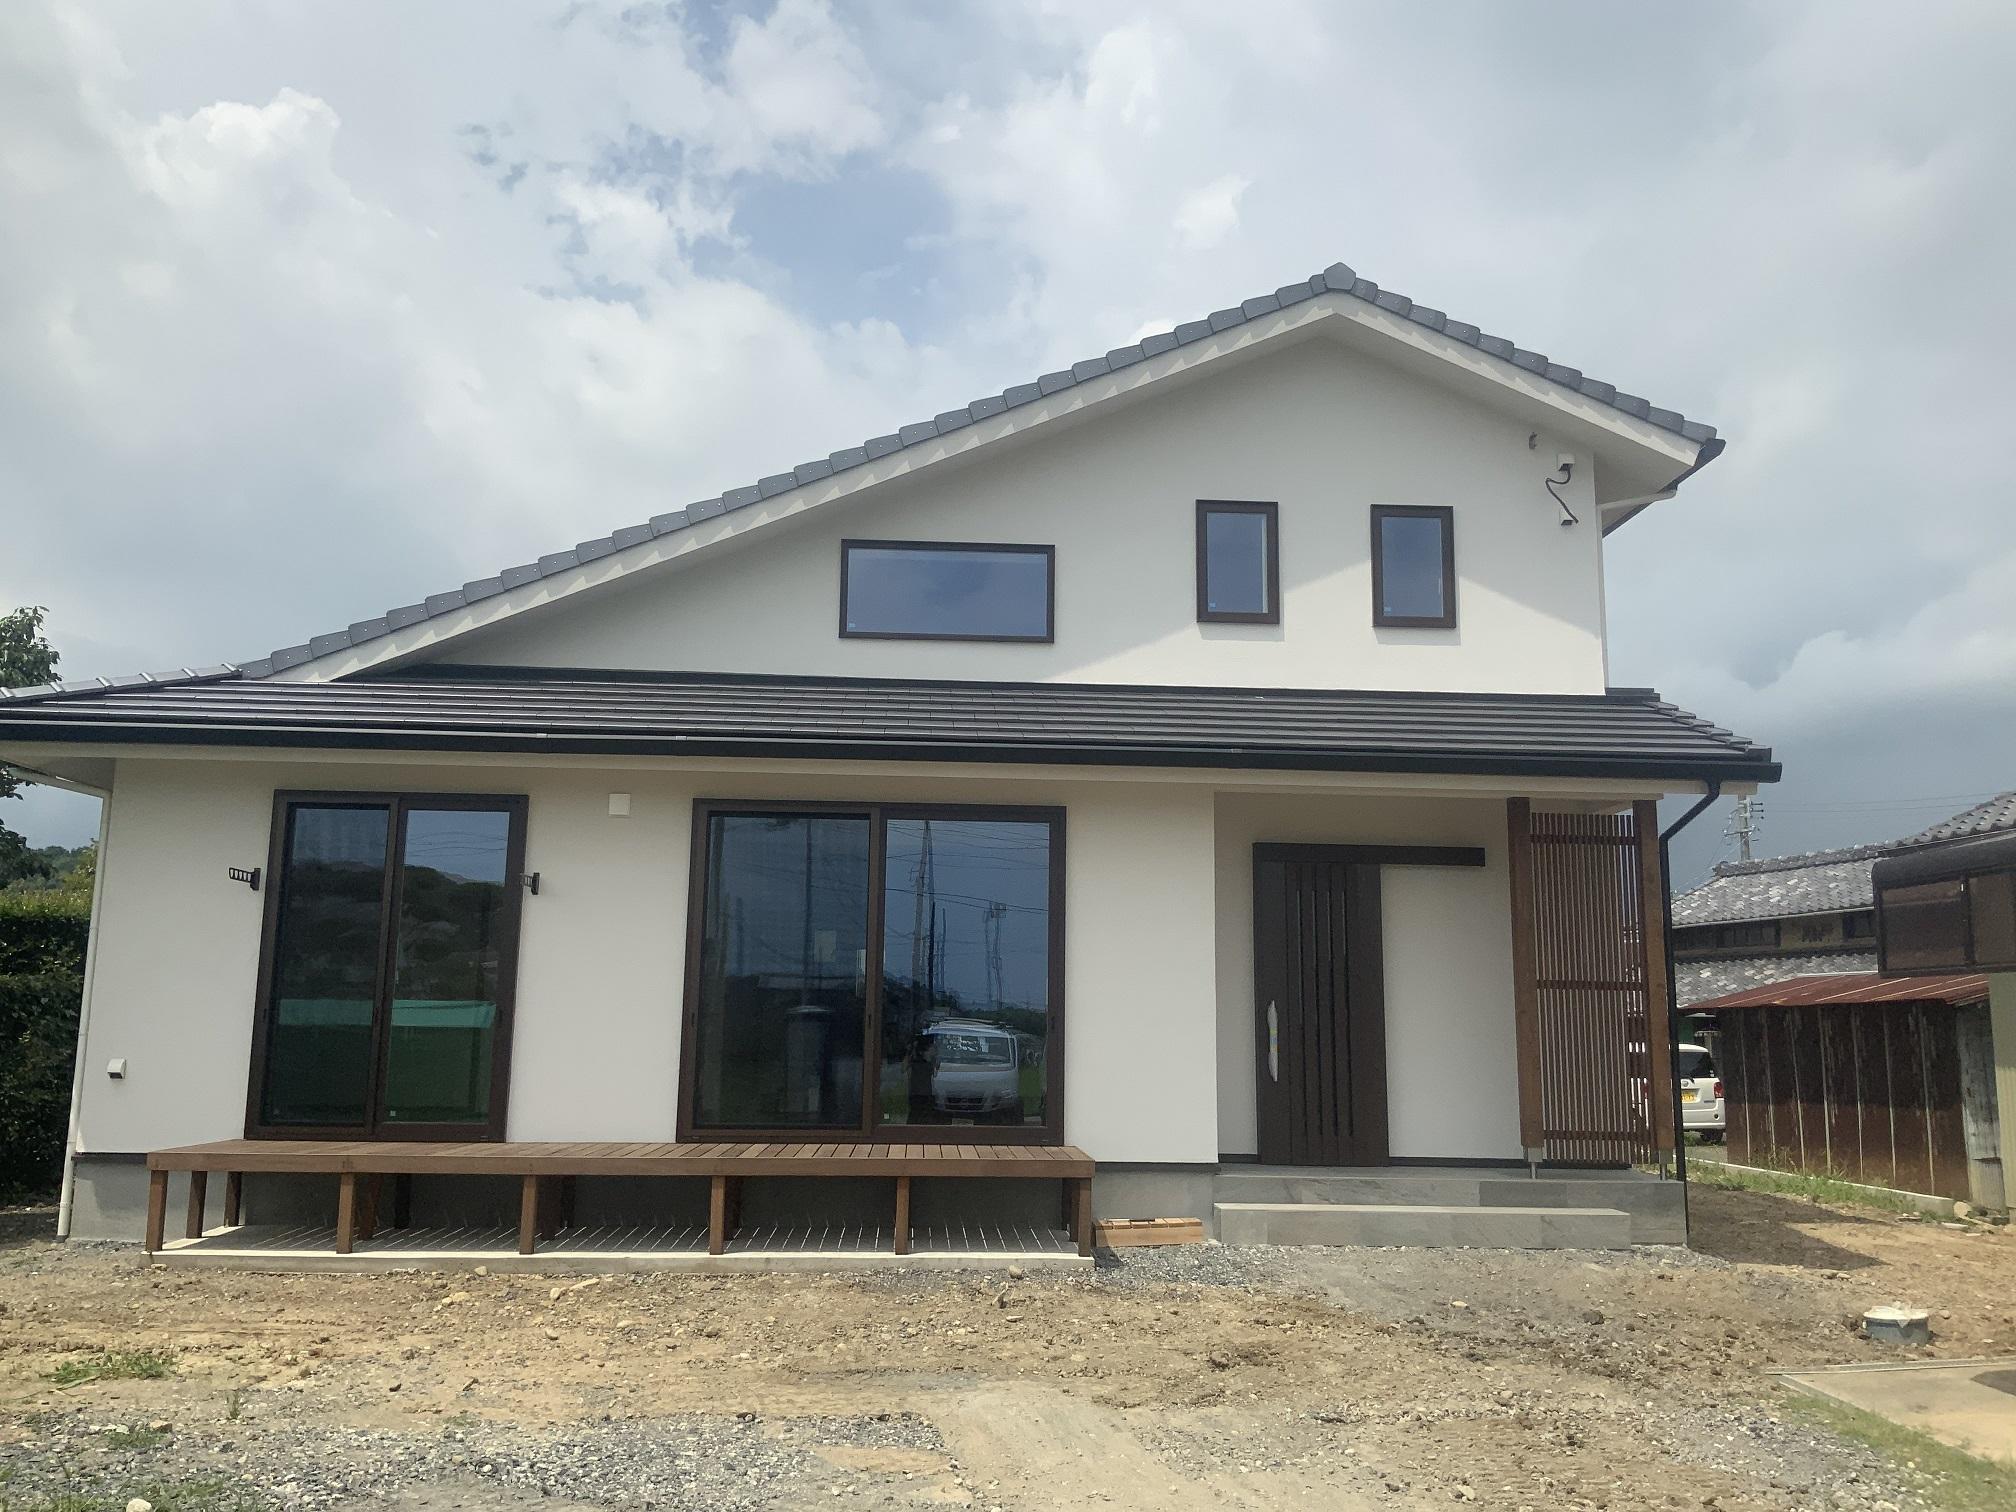 新築戸建て住宅 和モダン完成